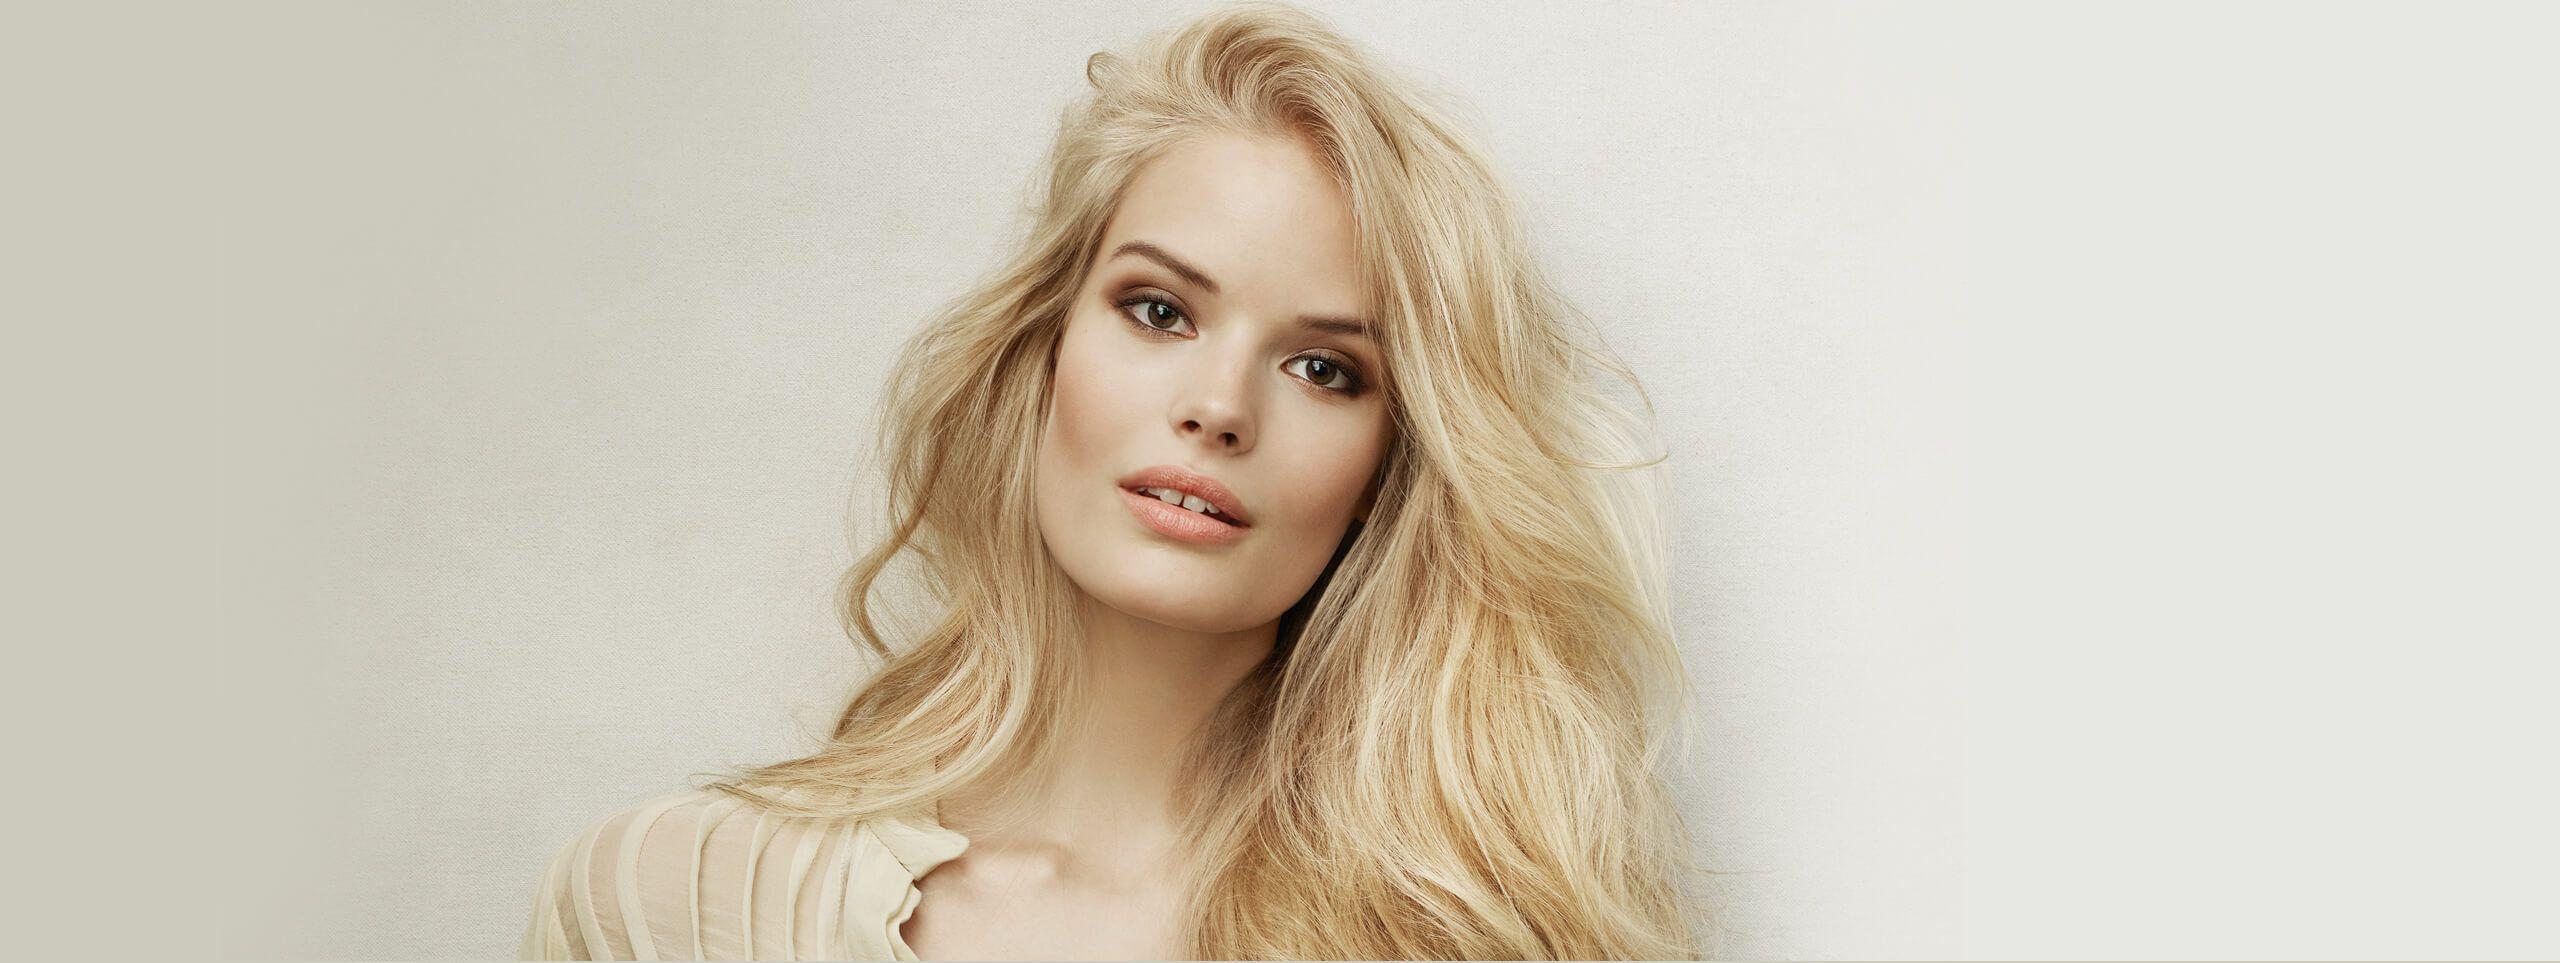 Modelka z rozpuszczonymi blond włosami